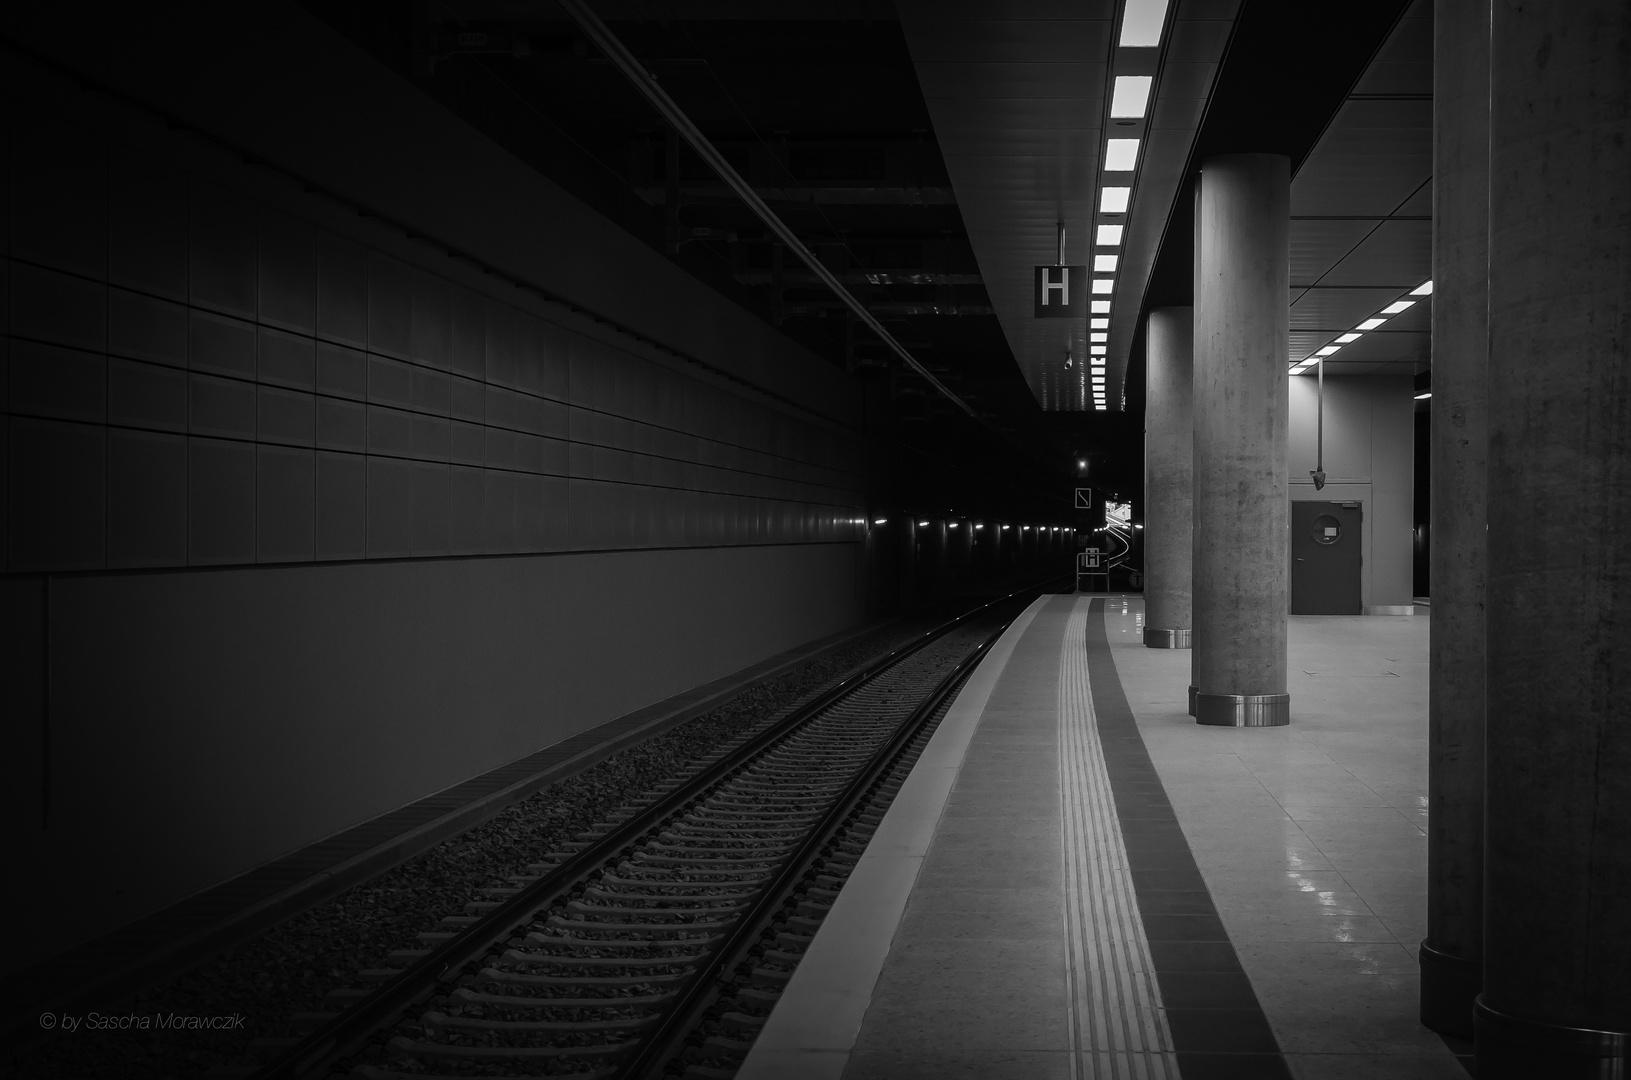 BER S-Bahn Tunnel